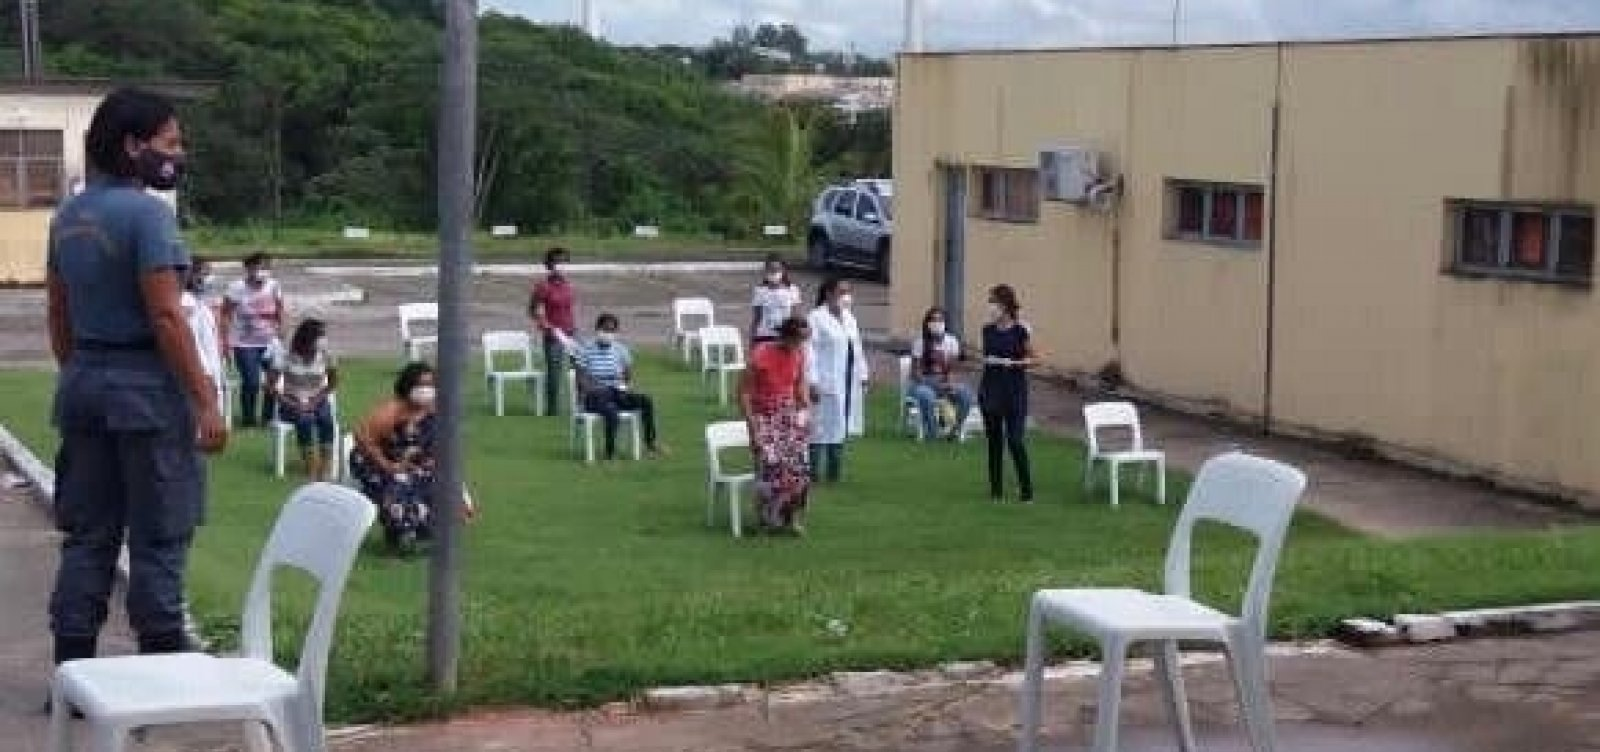 Visitas sociais às unidades prisionais da Bahia serão retomadas no início de agosto